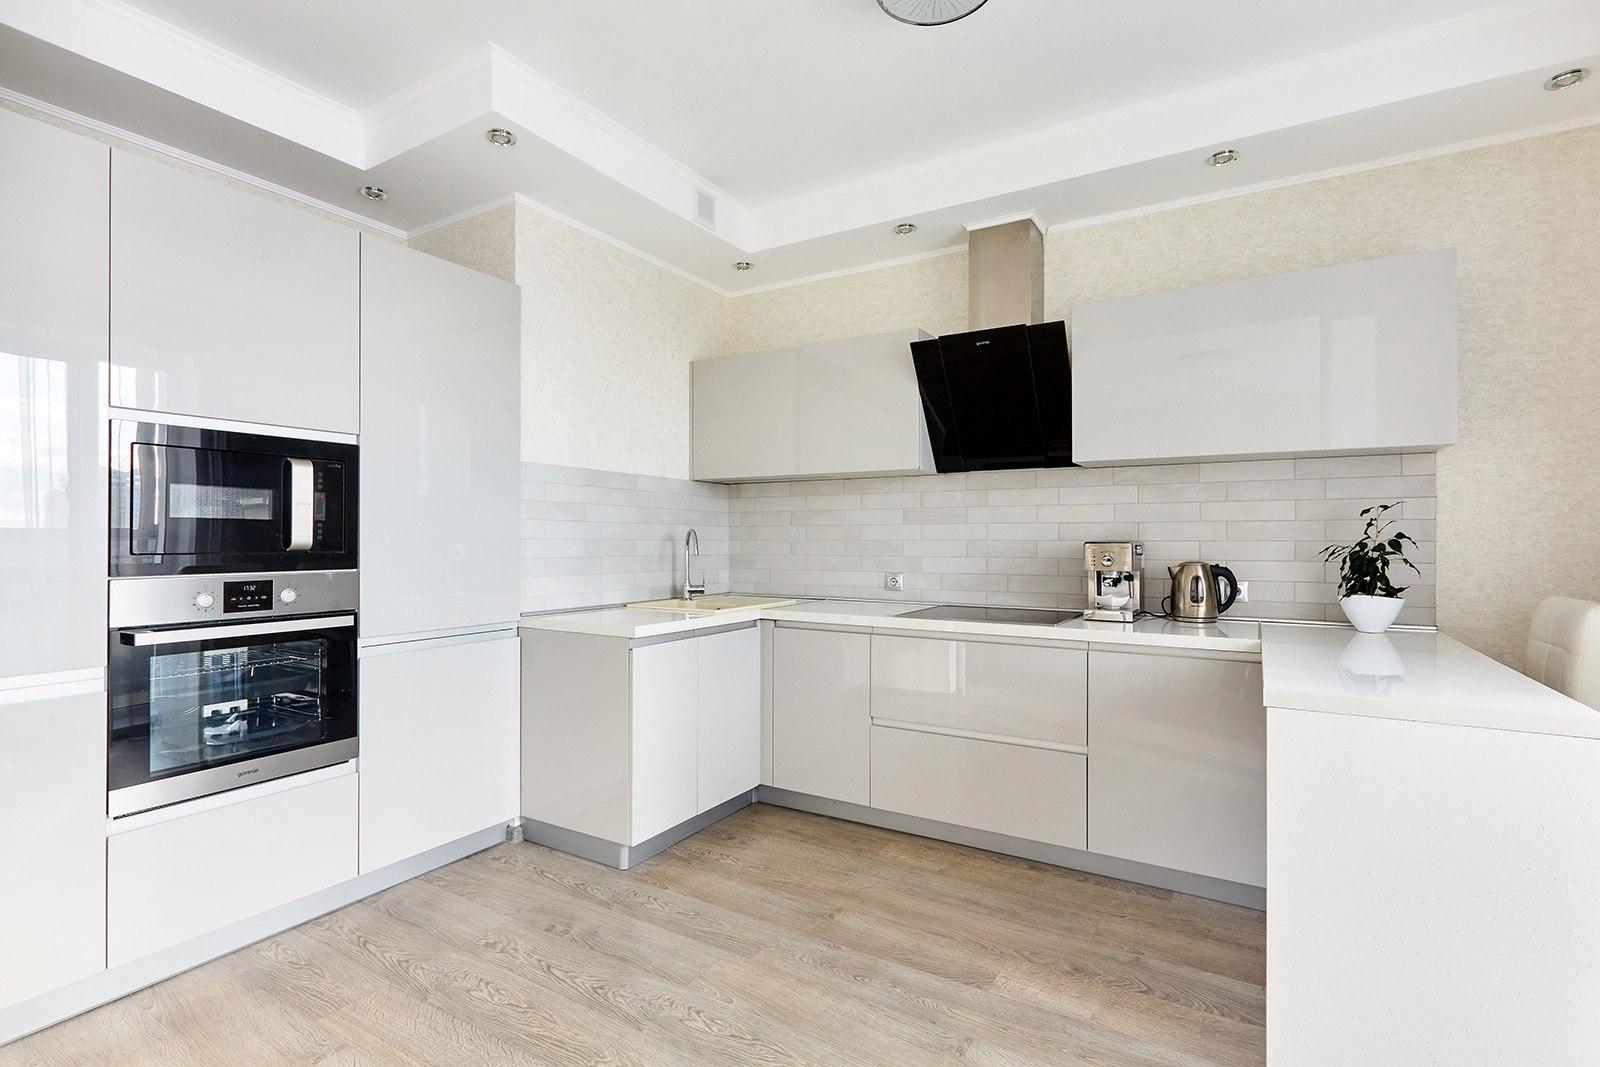 Белая глянцевая кухня без ручек визуально расширяет пространство